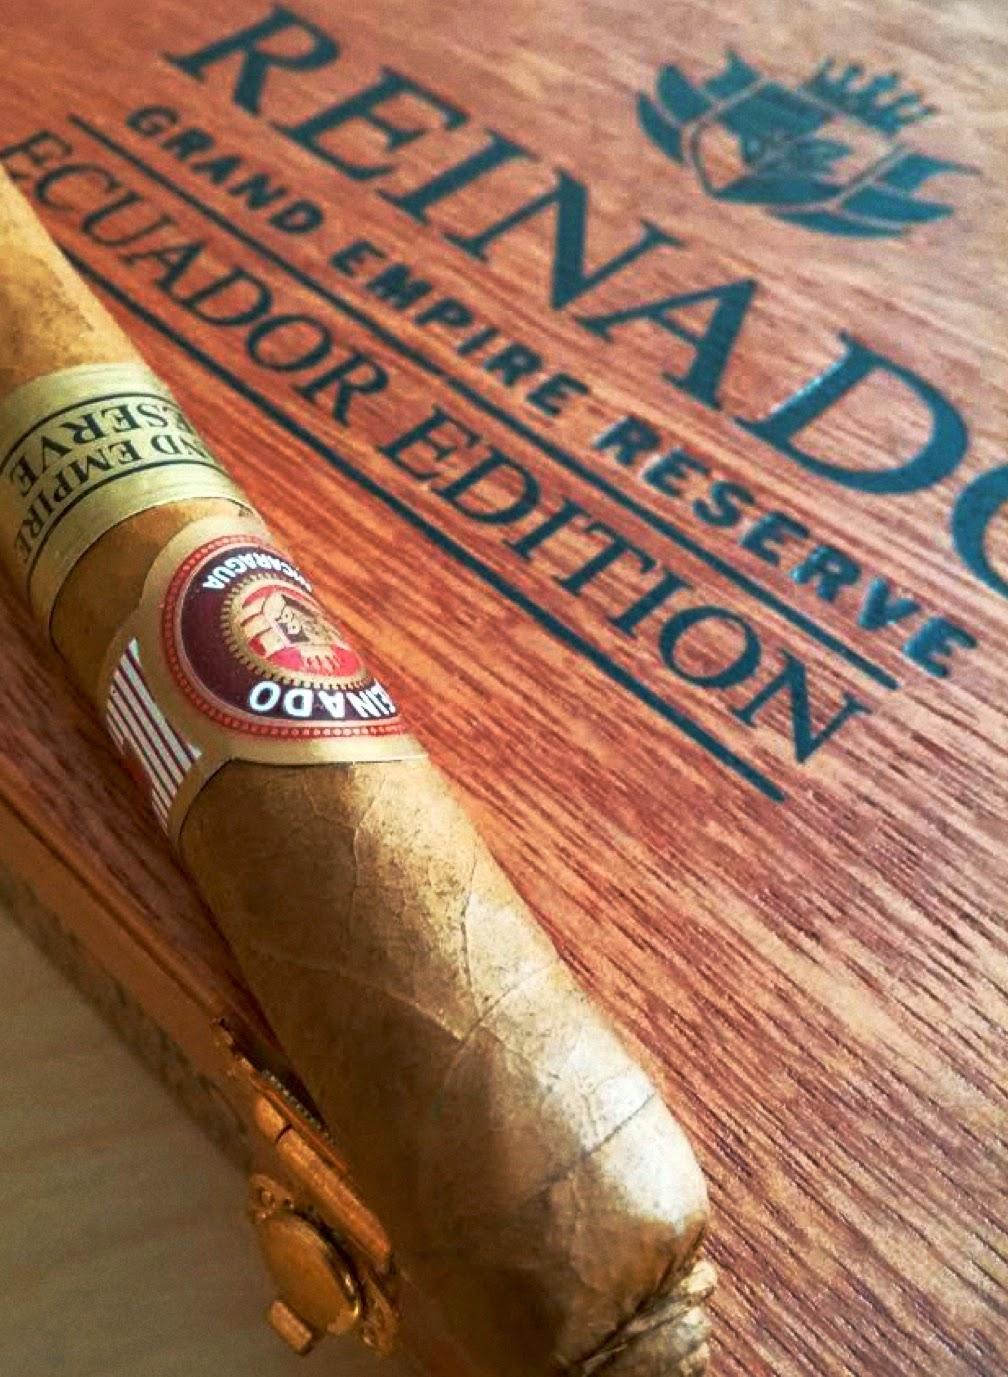 Cigar News: REINADO announces First Grand Empire Reserve Ecuador Edition (Cigar Preview)